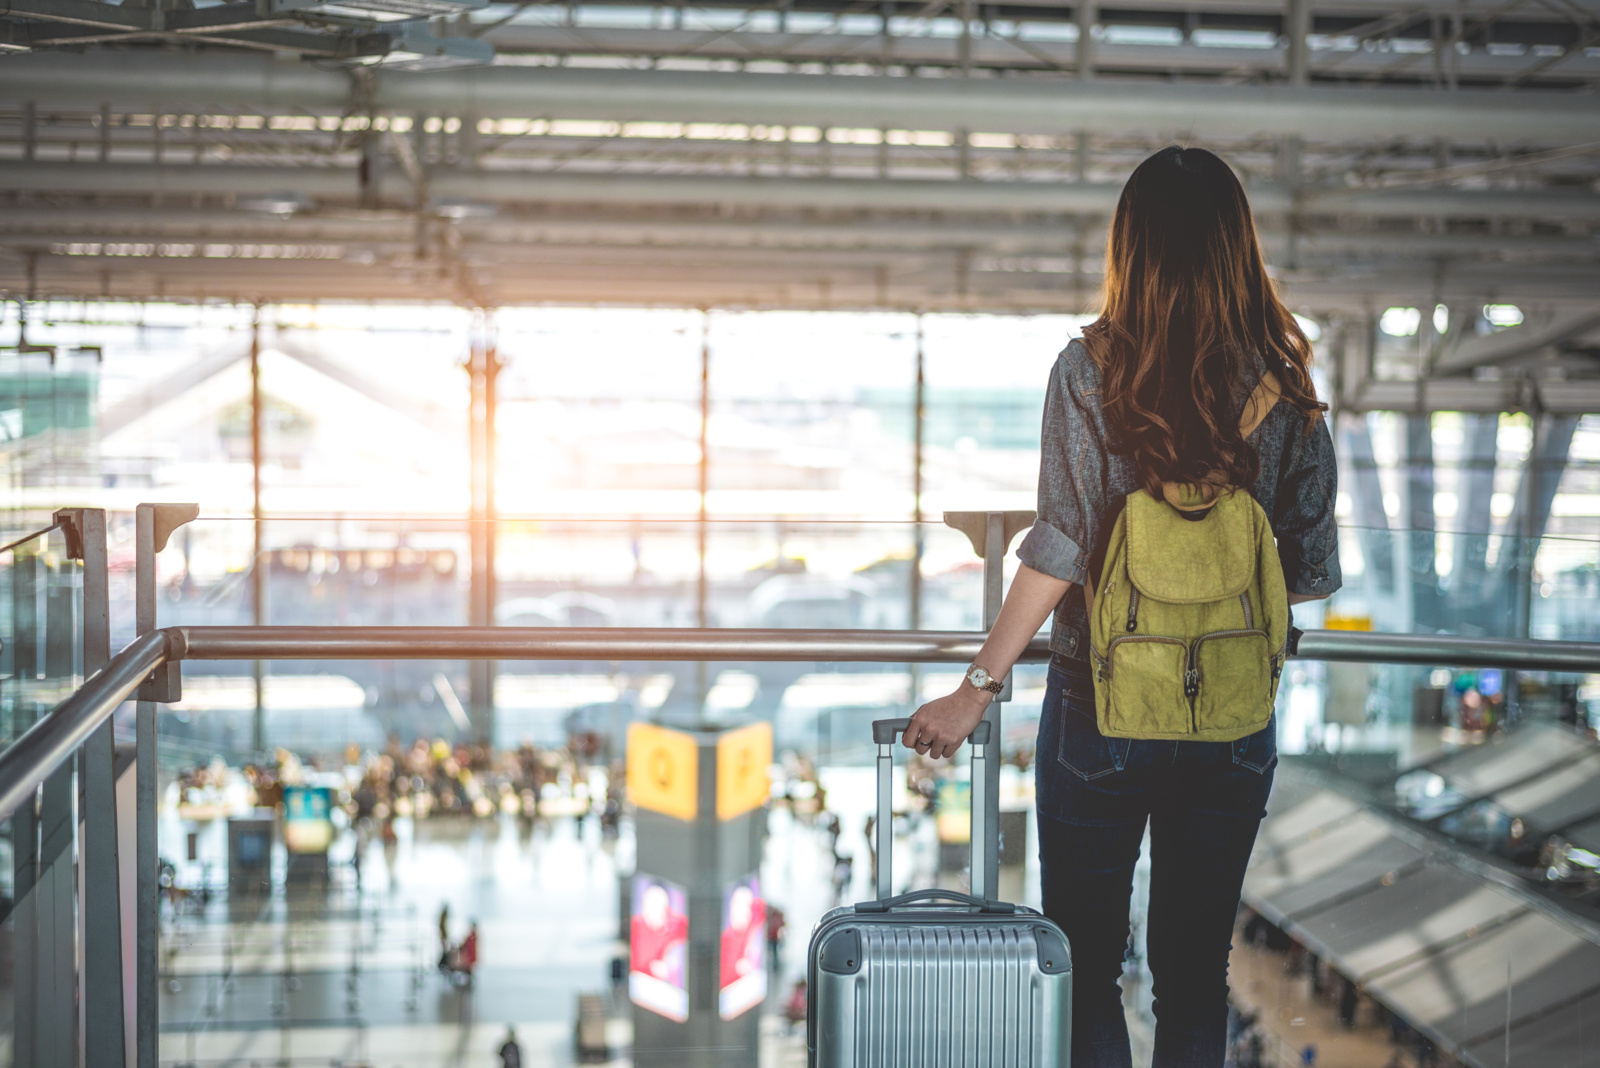 Antrą ketvirtį apgyvendinta 72 proc. mažiau turistų nei prieš metus